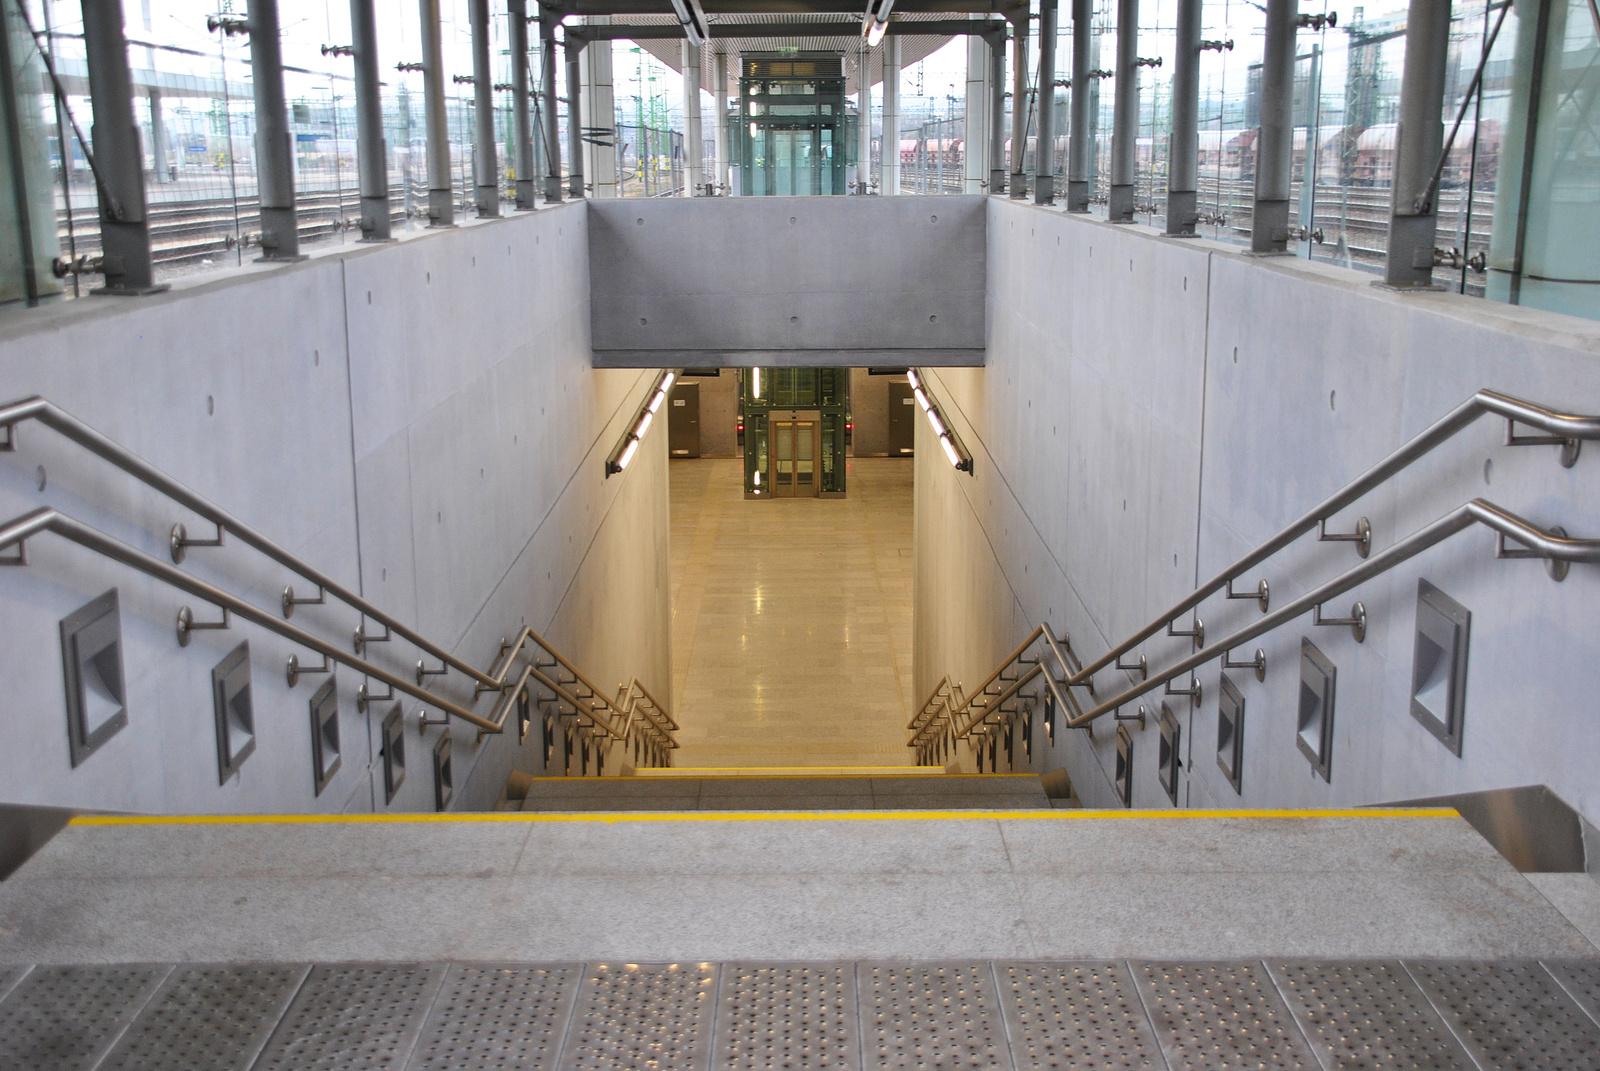 Kelenföldi peronon